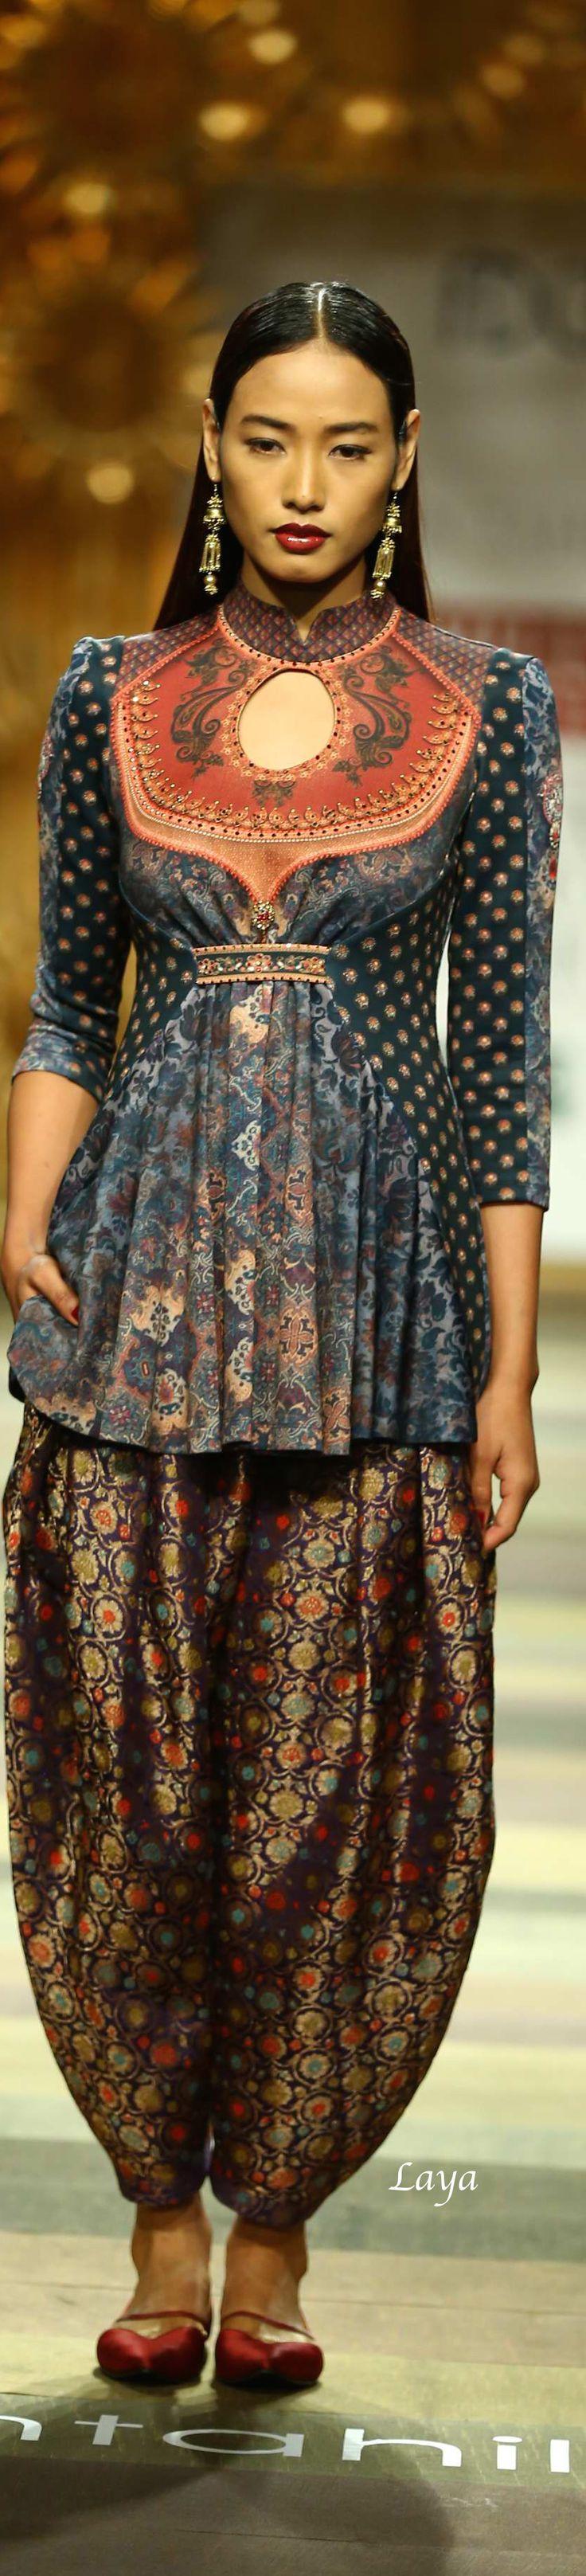 Tarun Tahiliani Fall/Winter 2014-15❋Laya / Indian Designer